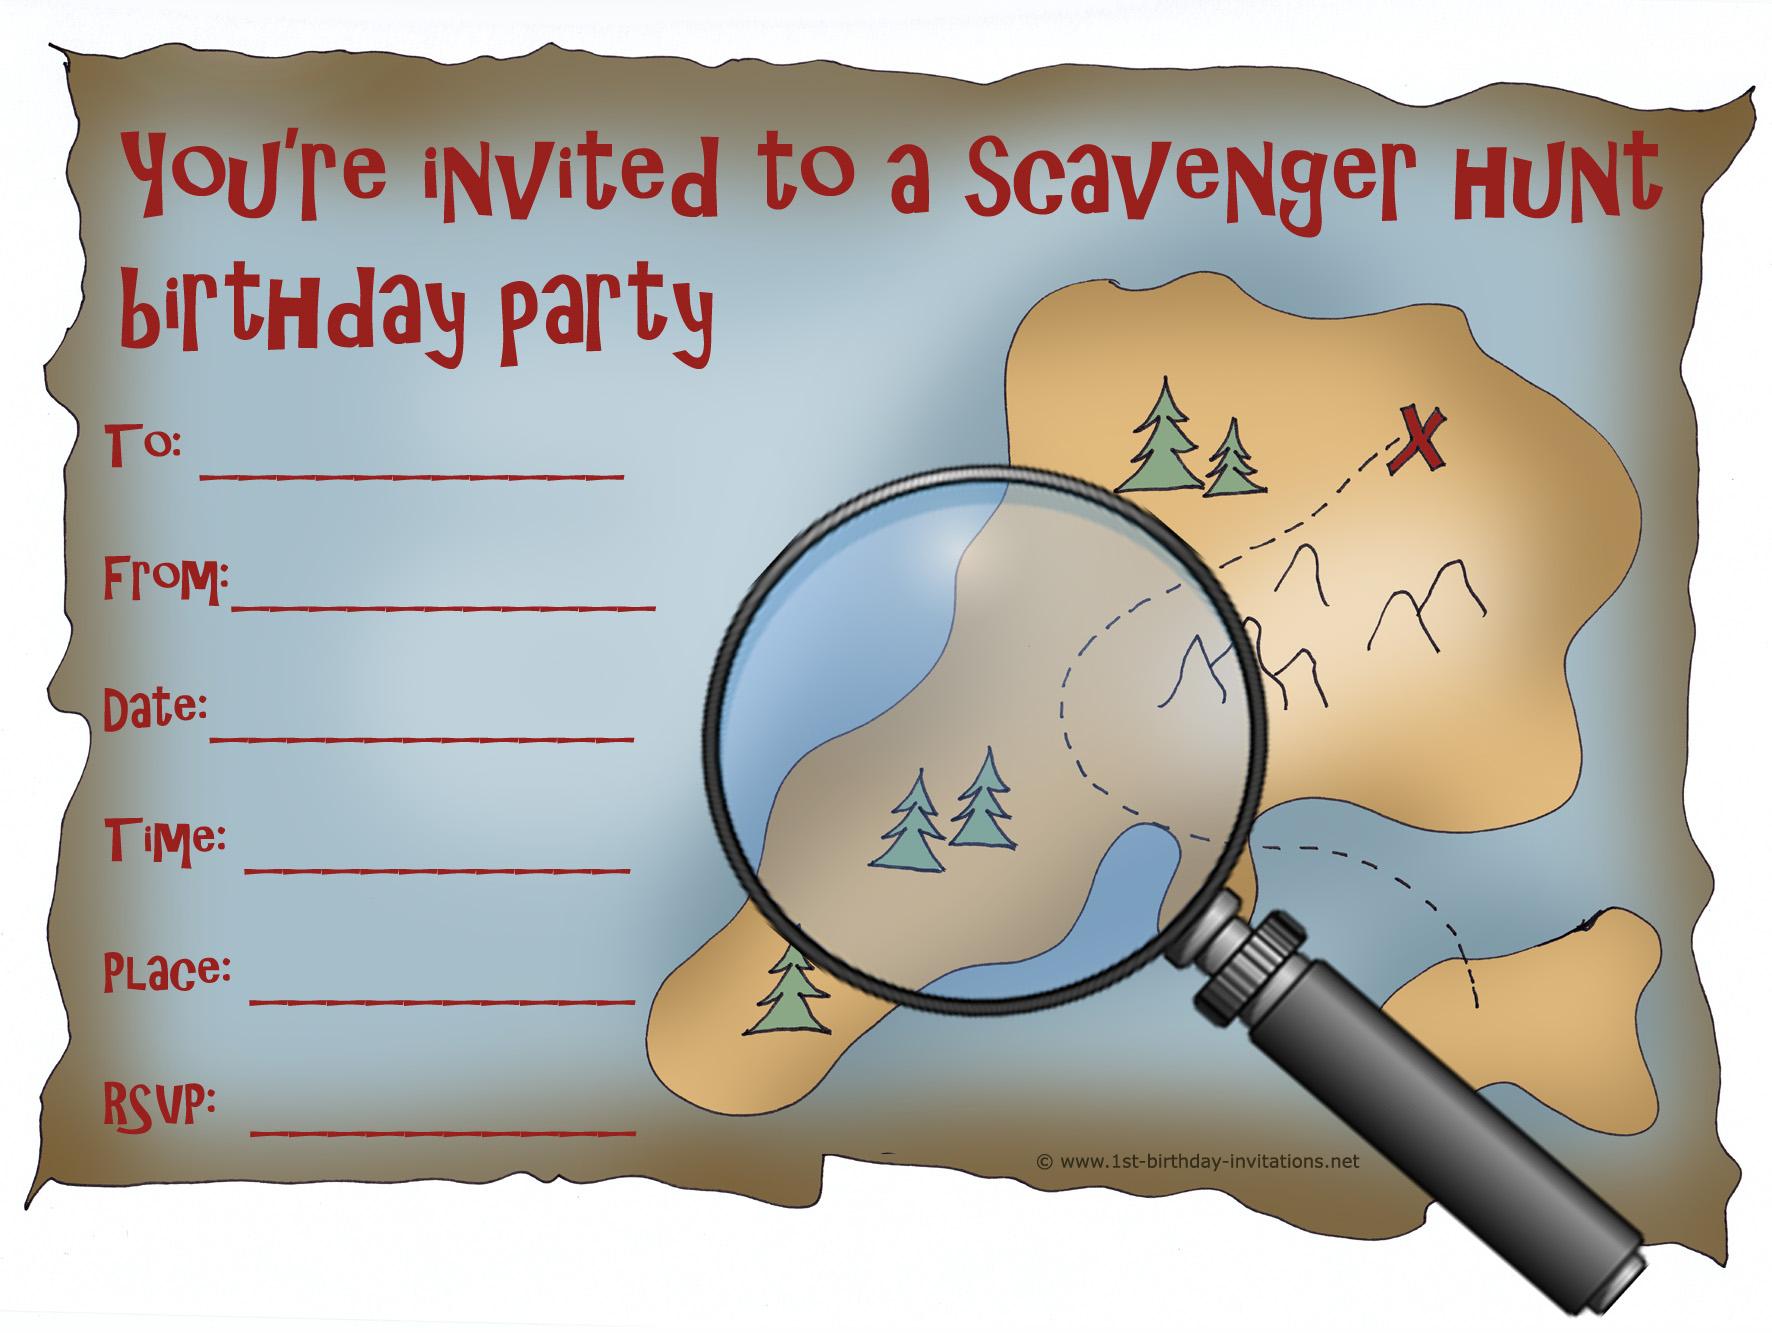 Scavenger Hunt Invites